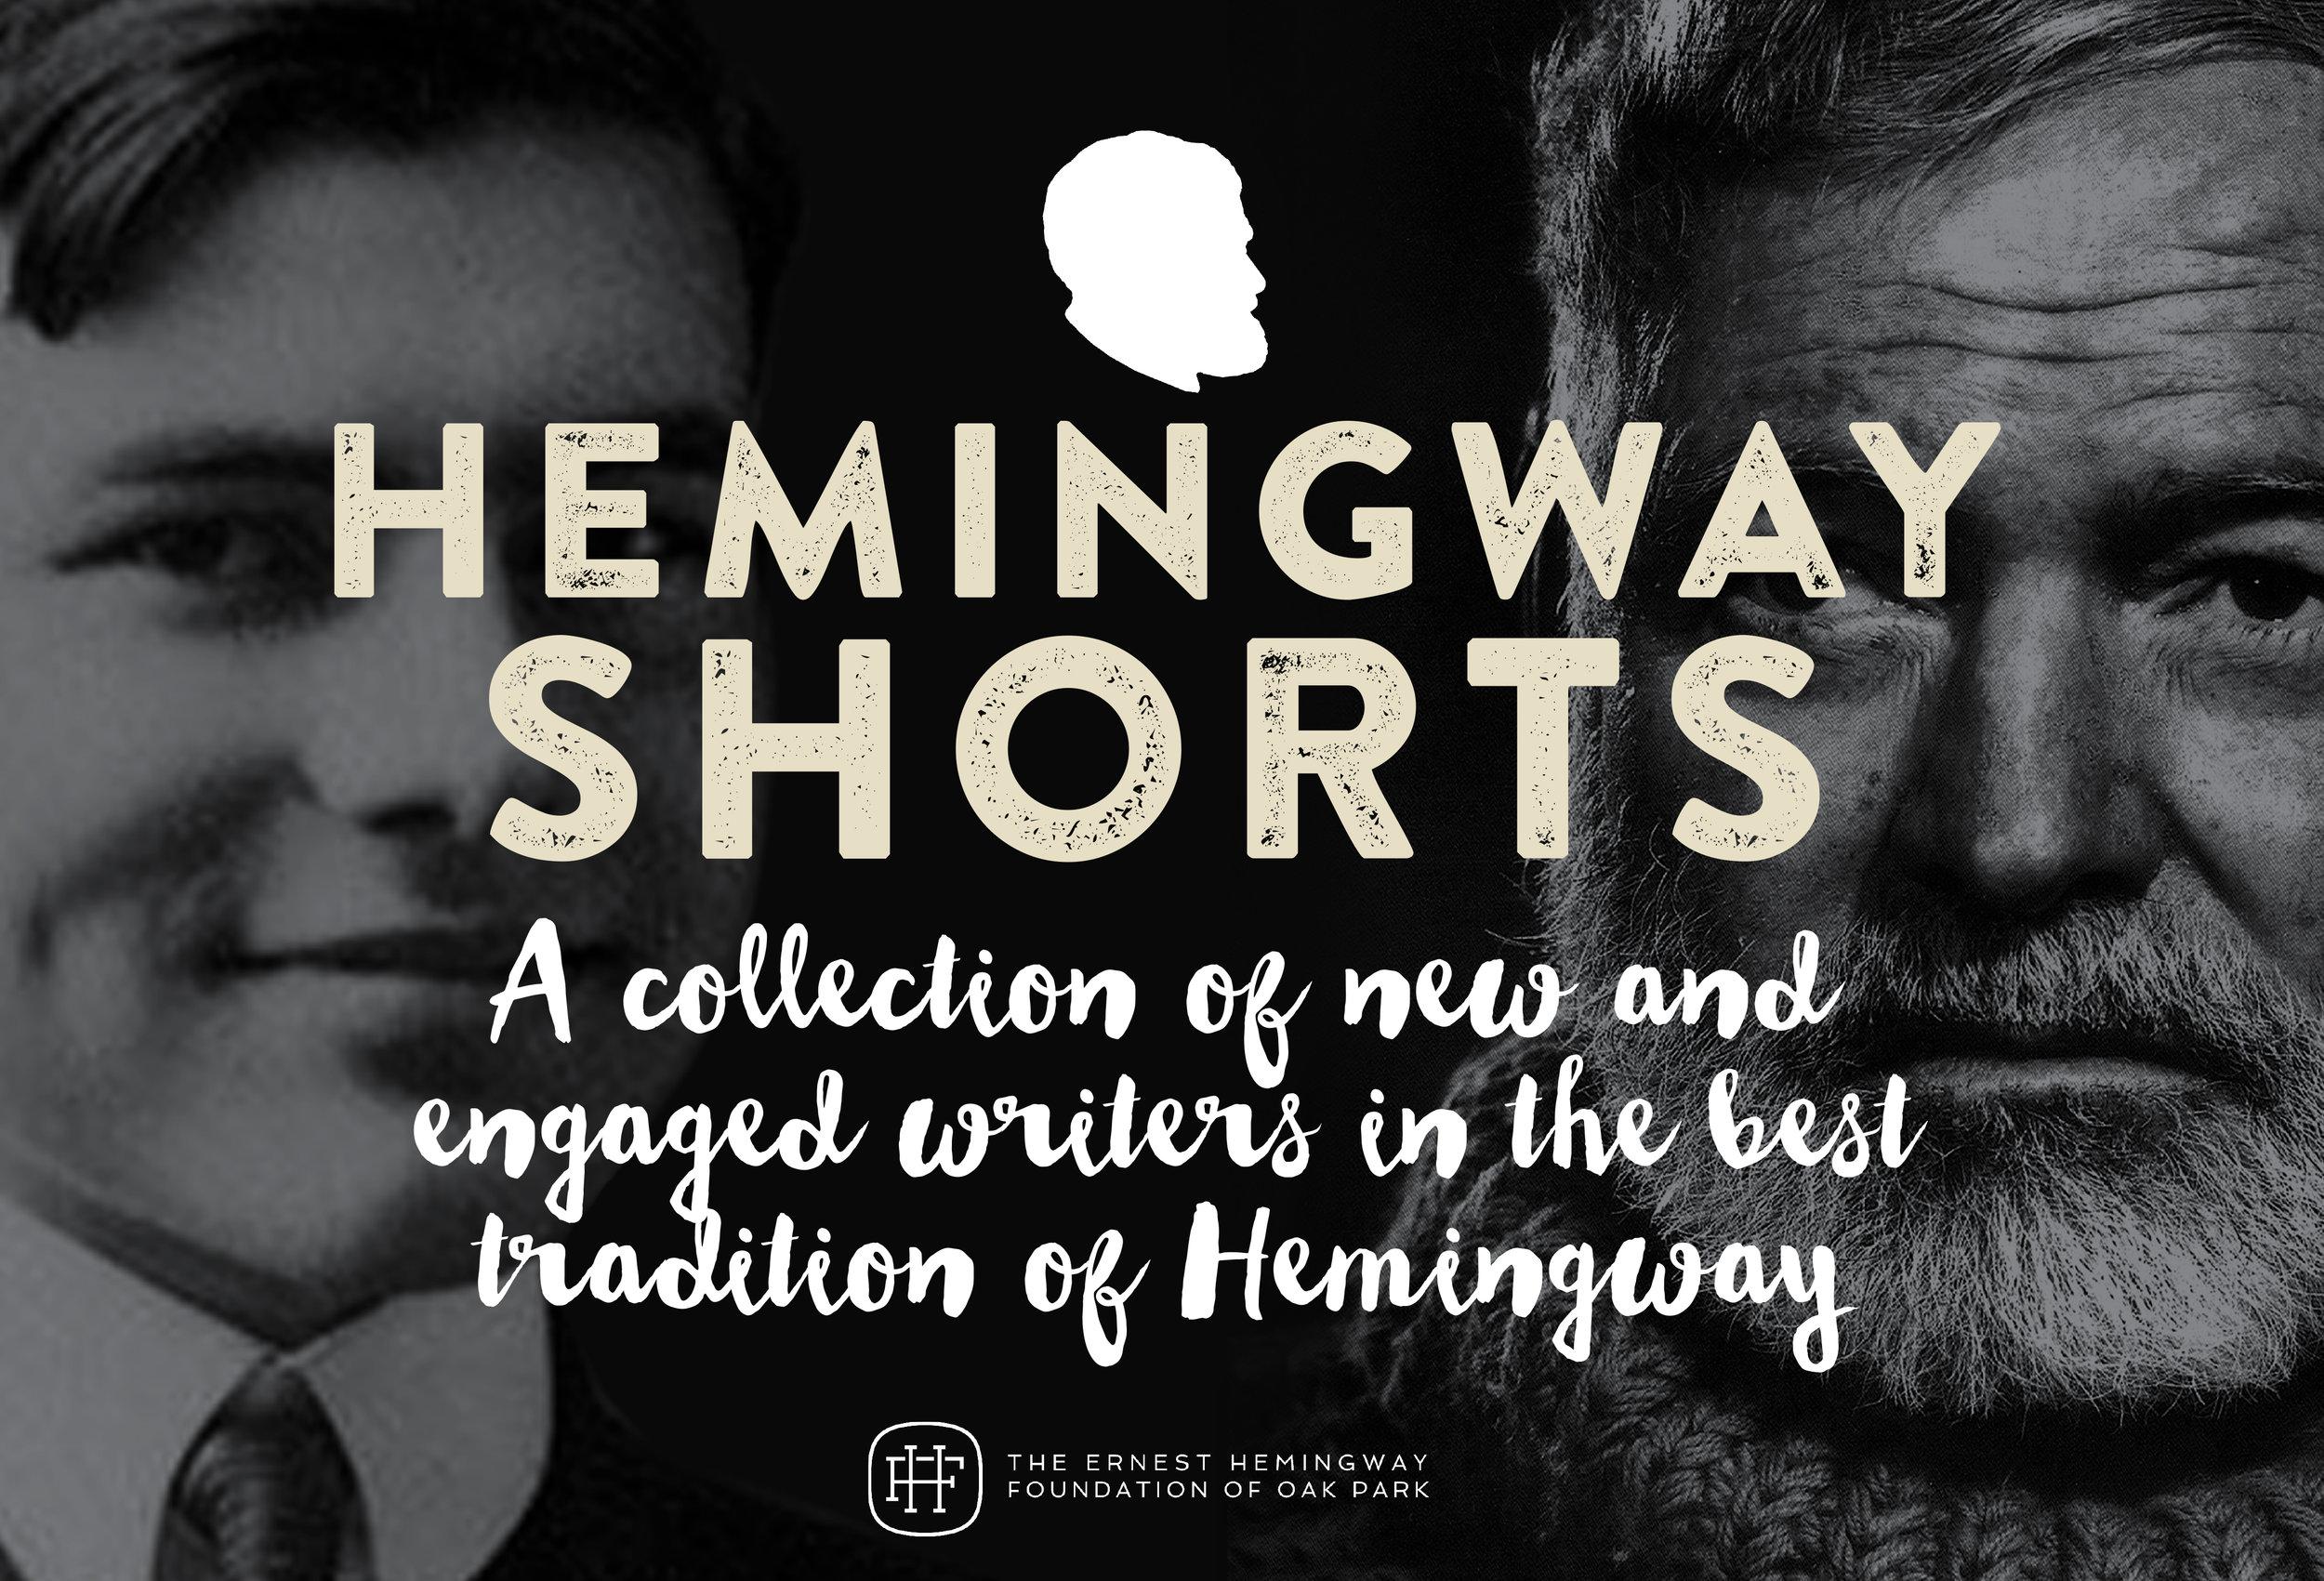 HemingwayShorts-Signage.jpg